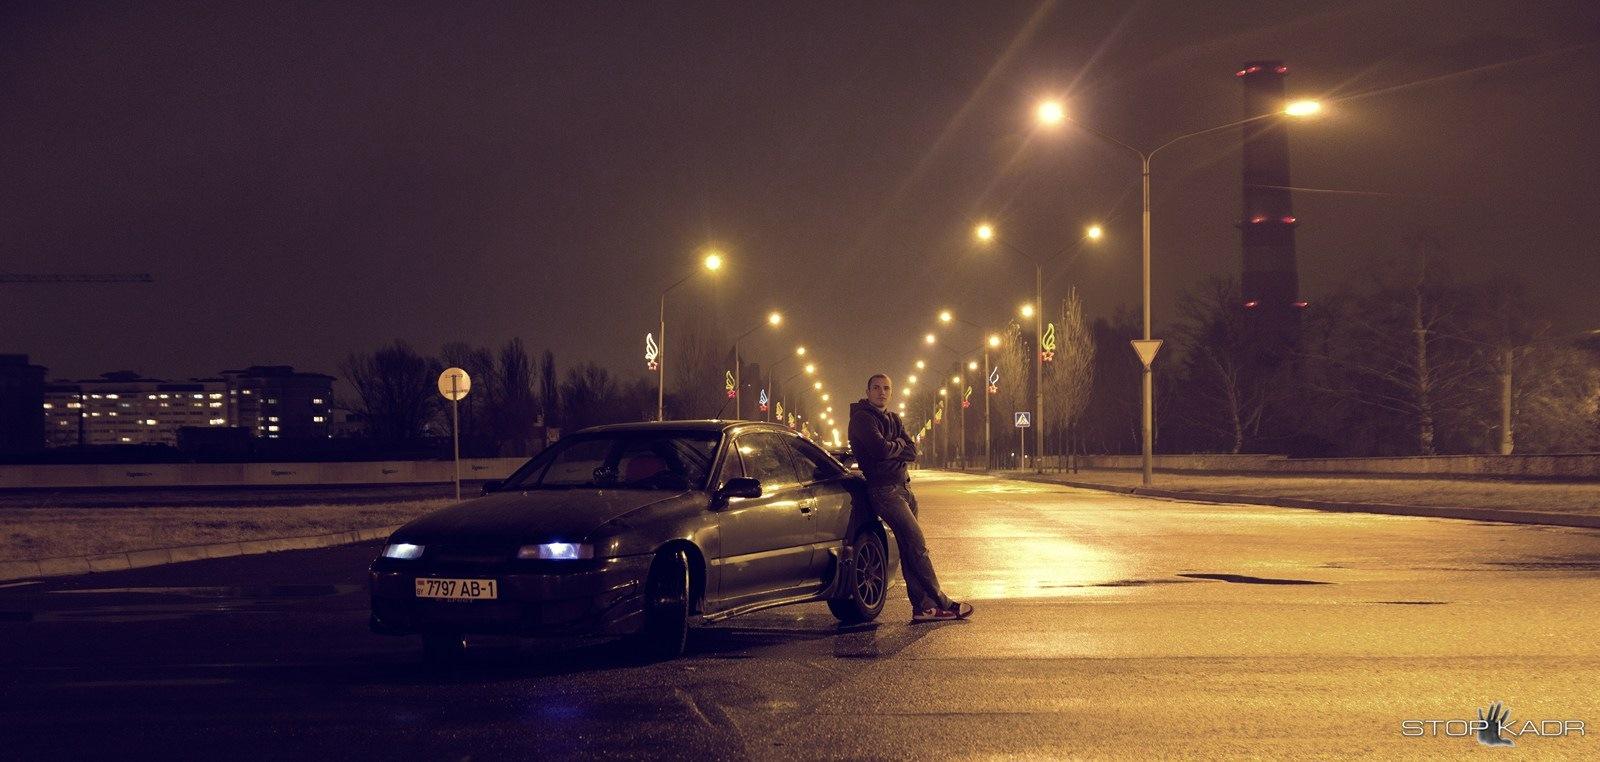 отмечали картинки кататься по ночному городу тому